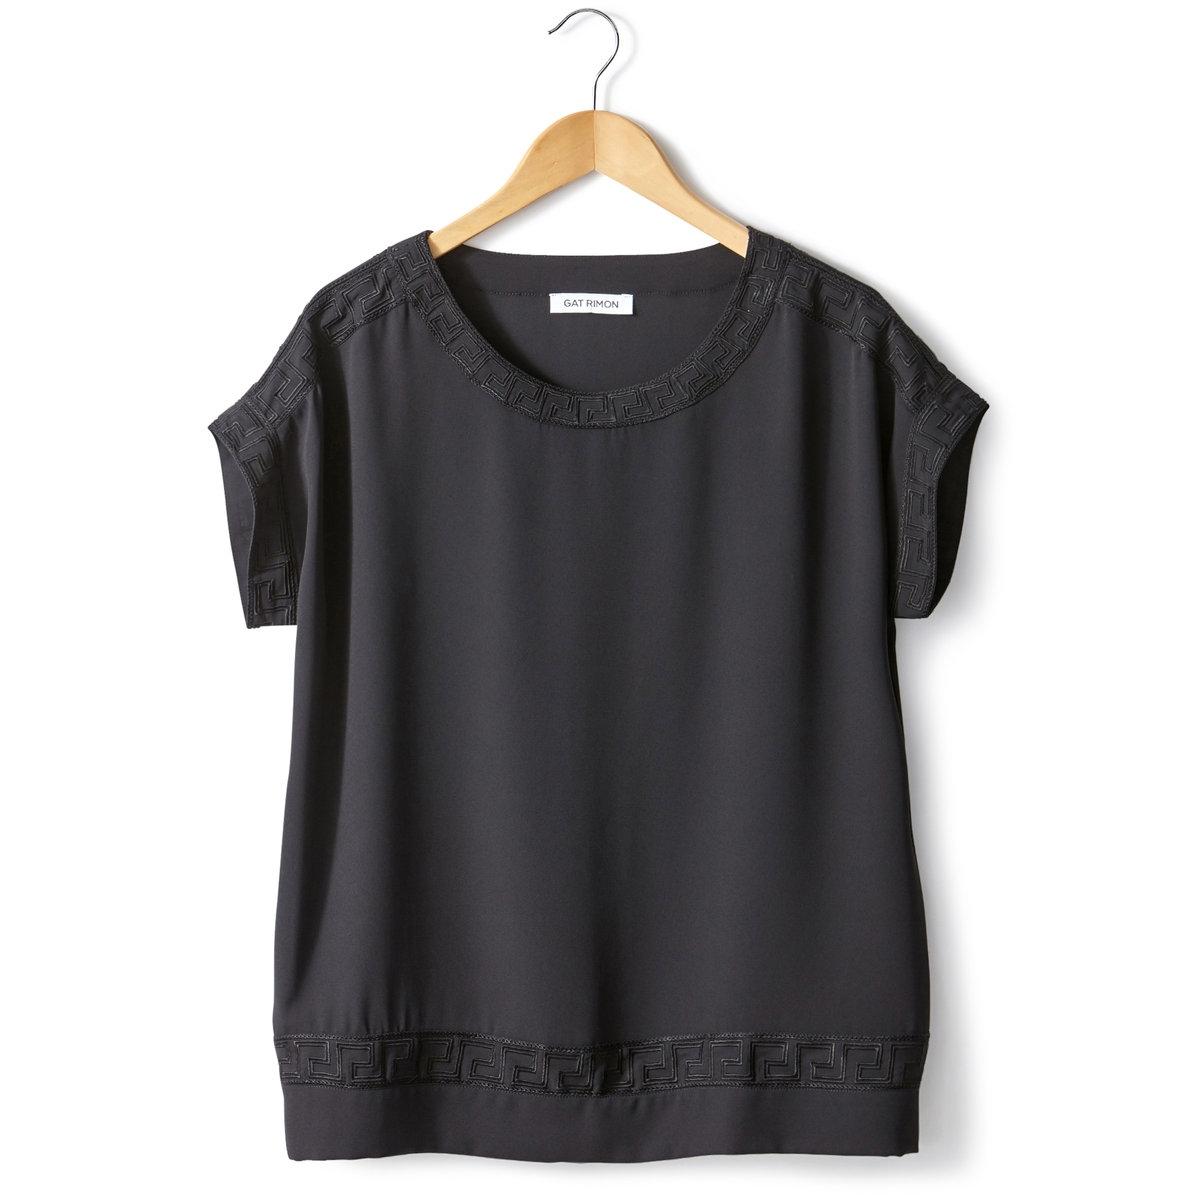 Блузка FAFY с вышивкой и короткими рукавамиБлузка с вышивкой, модель FLAFY от GAT RIMON. Короткие рукава, круглый вырез. Прямой покрой, вышивка графичным узором по краю выреза, низа и рукавов. Блузка из 100% полиэстера. Вышивка из 100% хлопка.<br><br>Цвет: черный<br>Размер: 3(L)